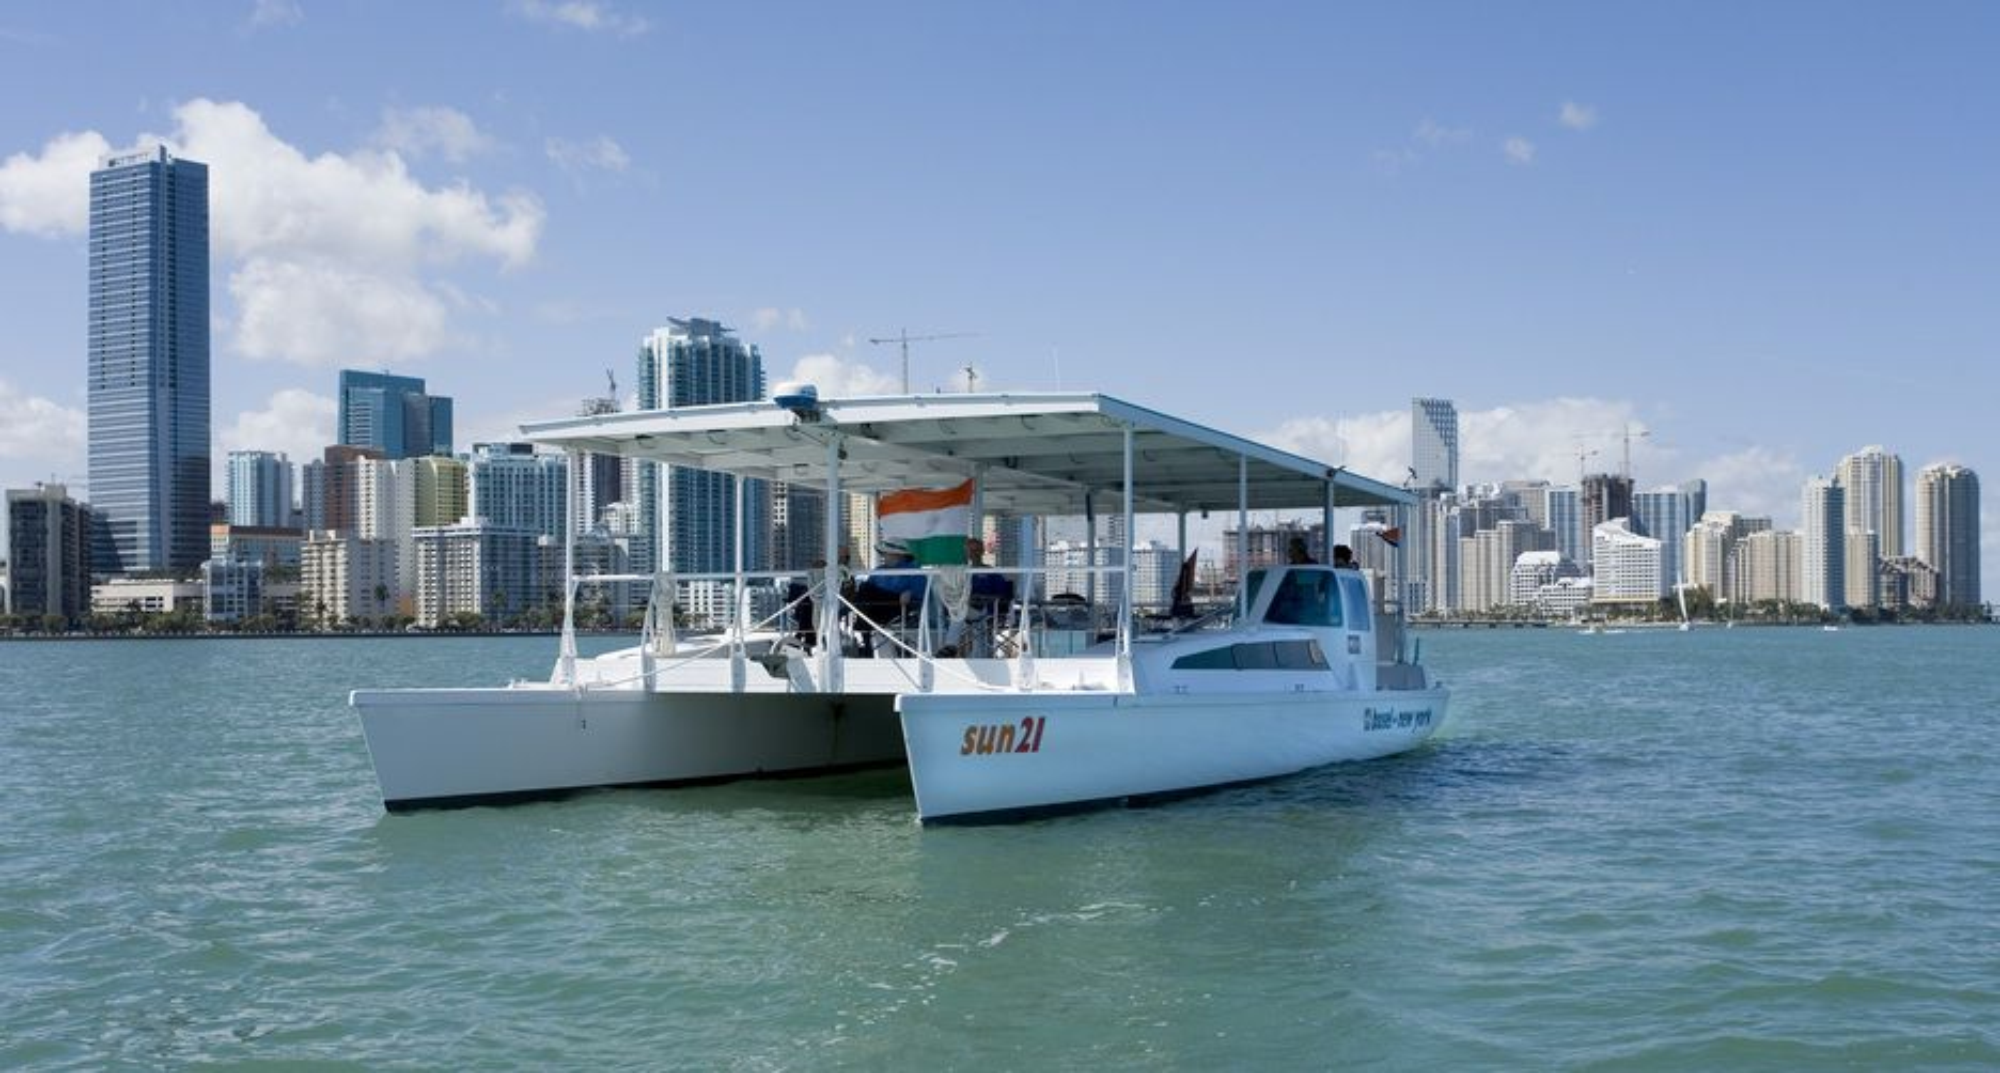 KUN SOL: Hele båtens tak er et gigantisk solcellepanel. Her er sun21 utenfor Miami.